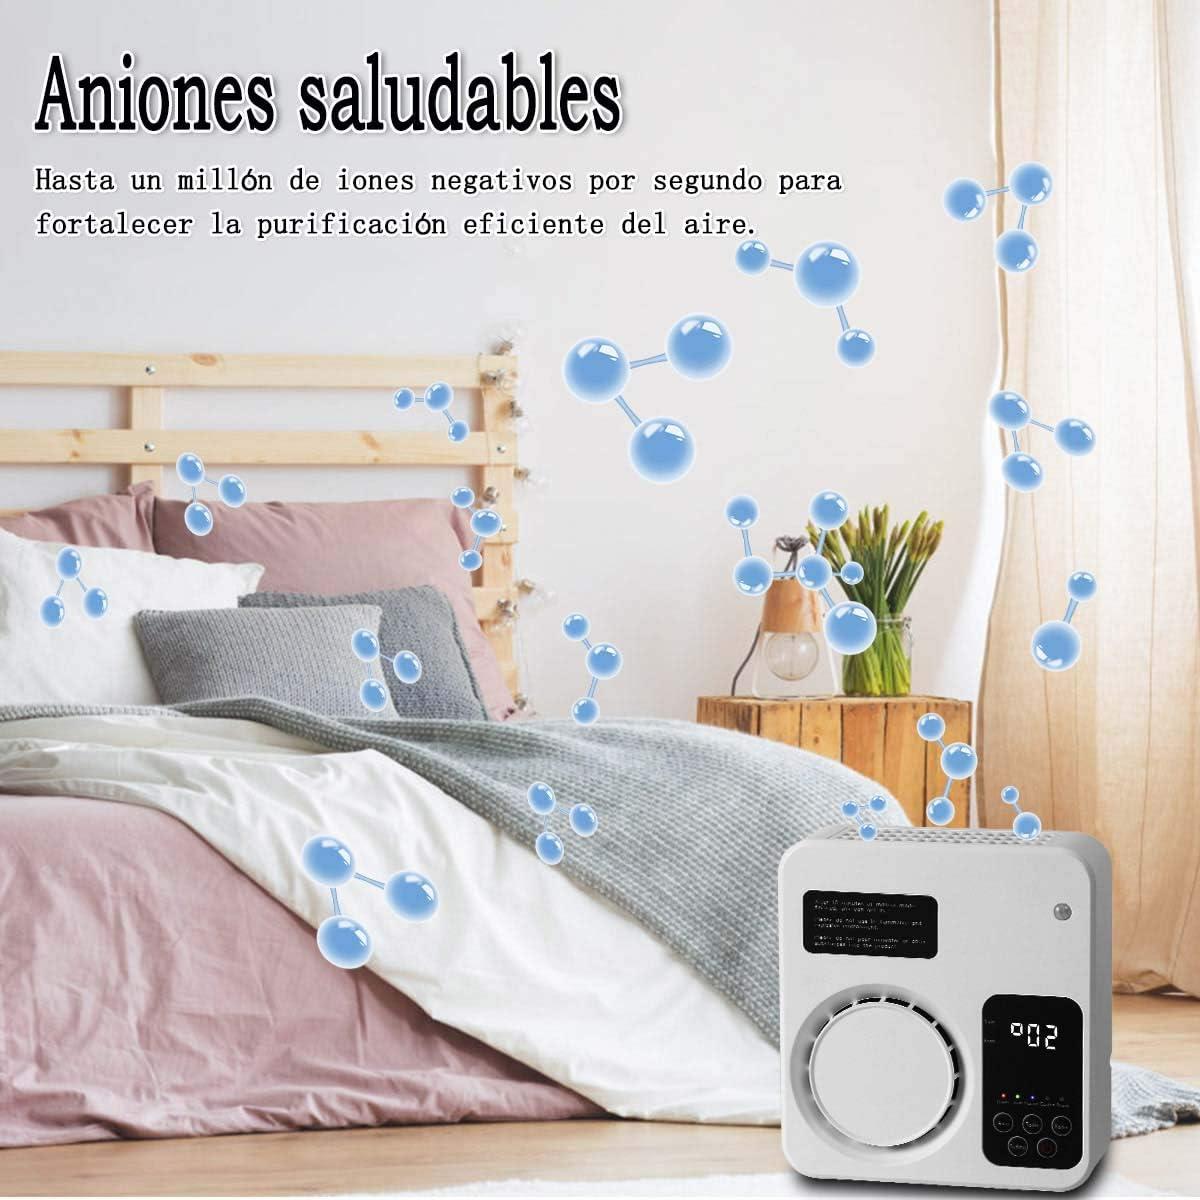 WANXIAN Purificatore daria Generatore di ozono Domestico Ionizzatore Aria Rimozione degli odori Deodorante per camera da letto Soggiorno Bagno Ufficio